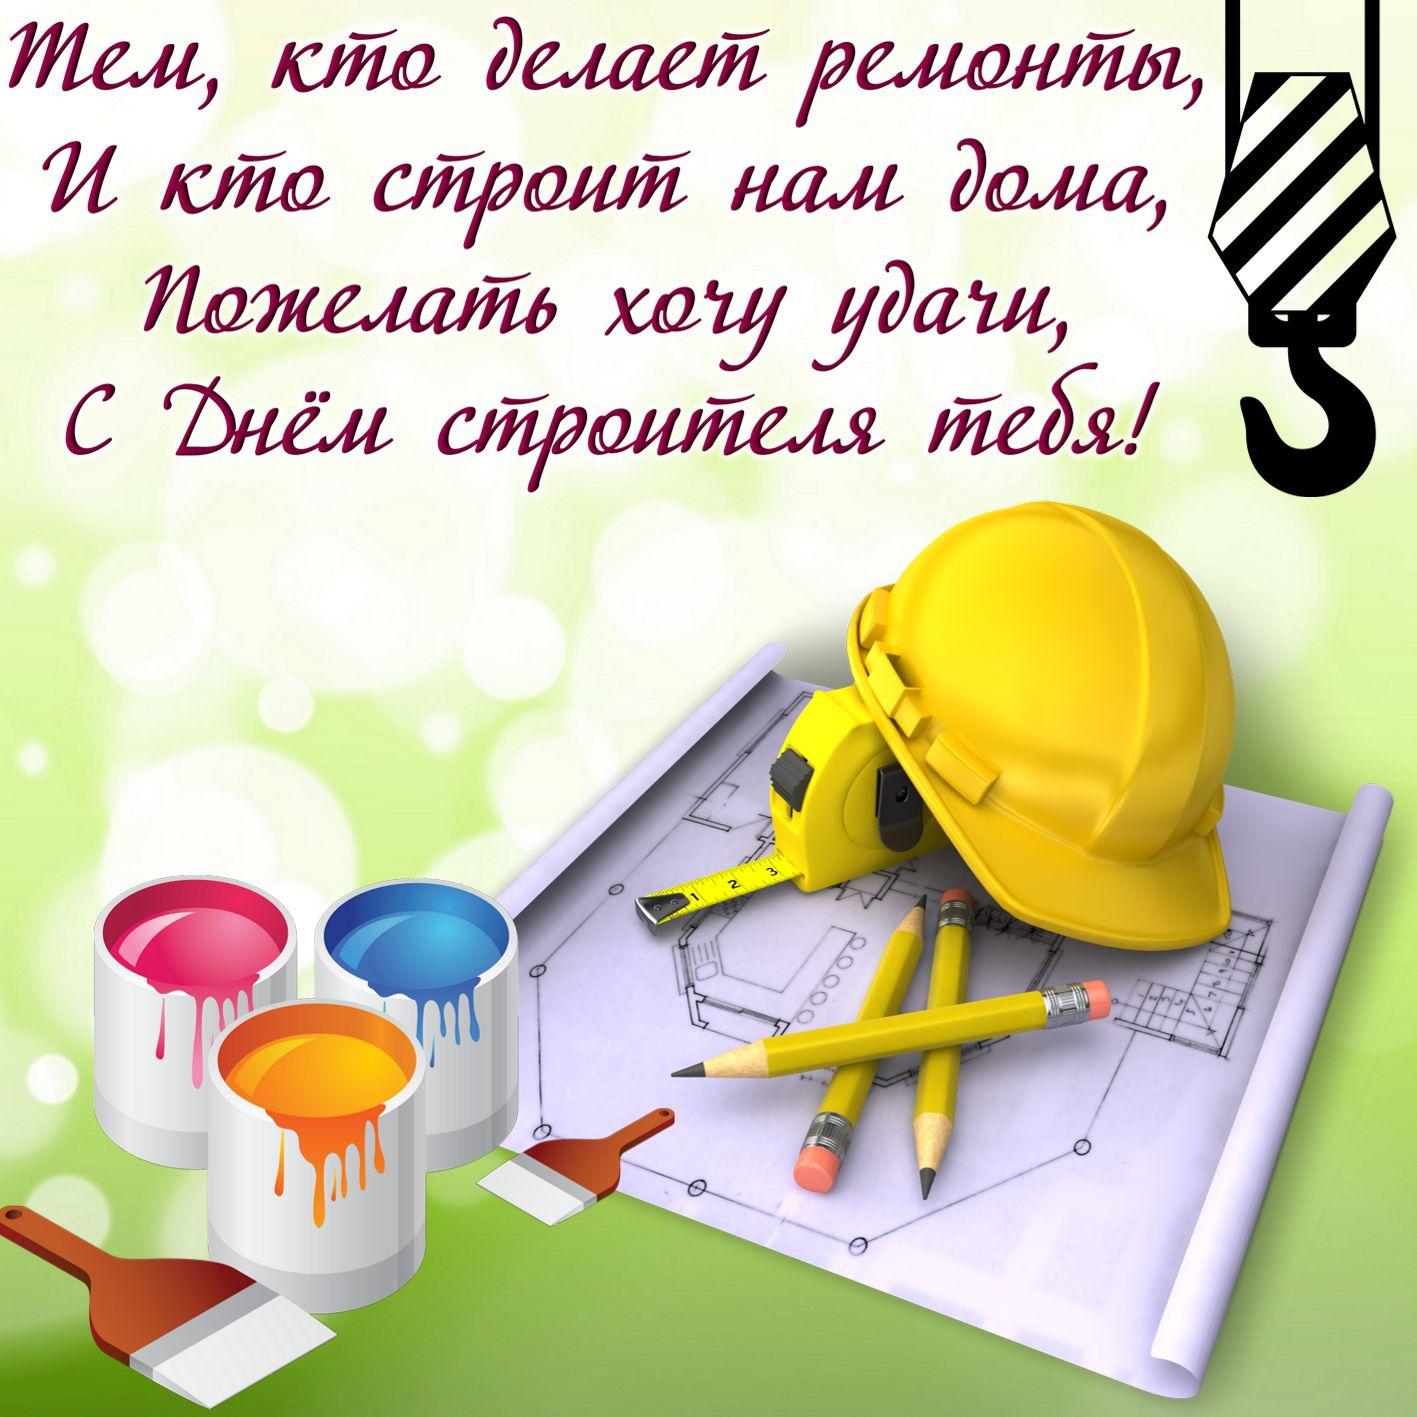 рецептов данного открытки к дню строителя коллегам красиво